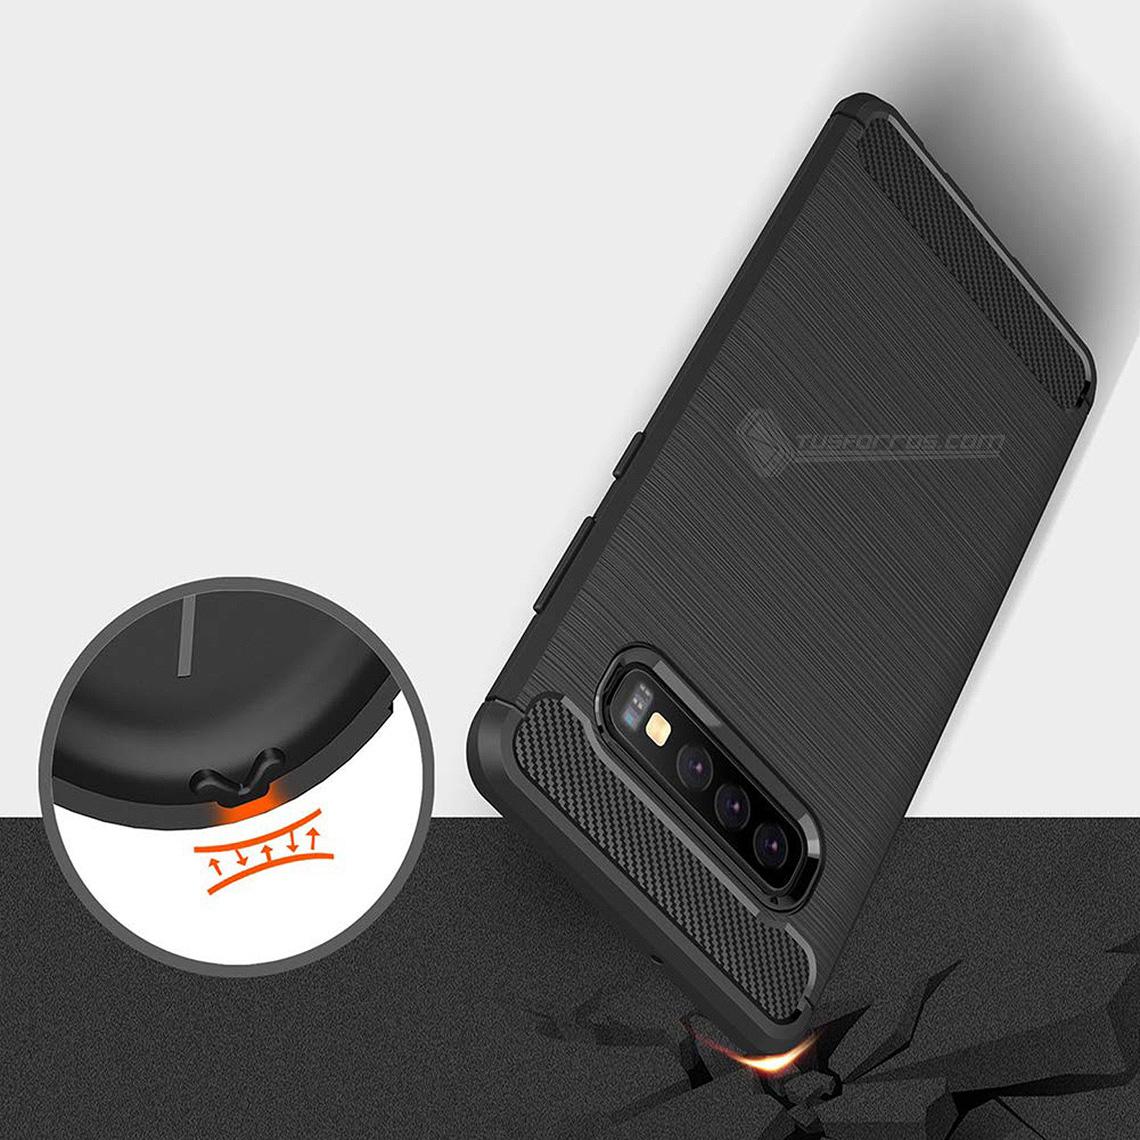 Samsung Galaxy S10 Plus Forro Fibra De Carbono Anti-Shock Máxima Protección